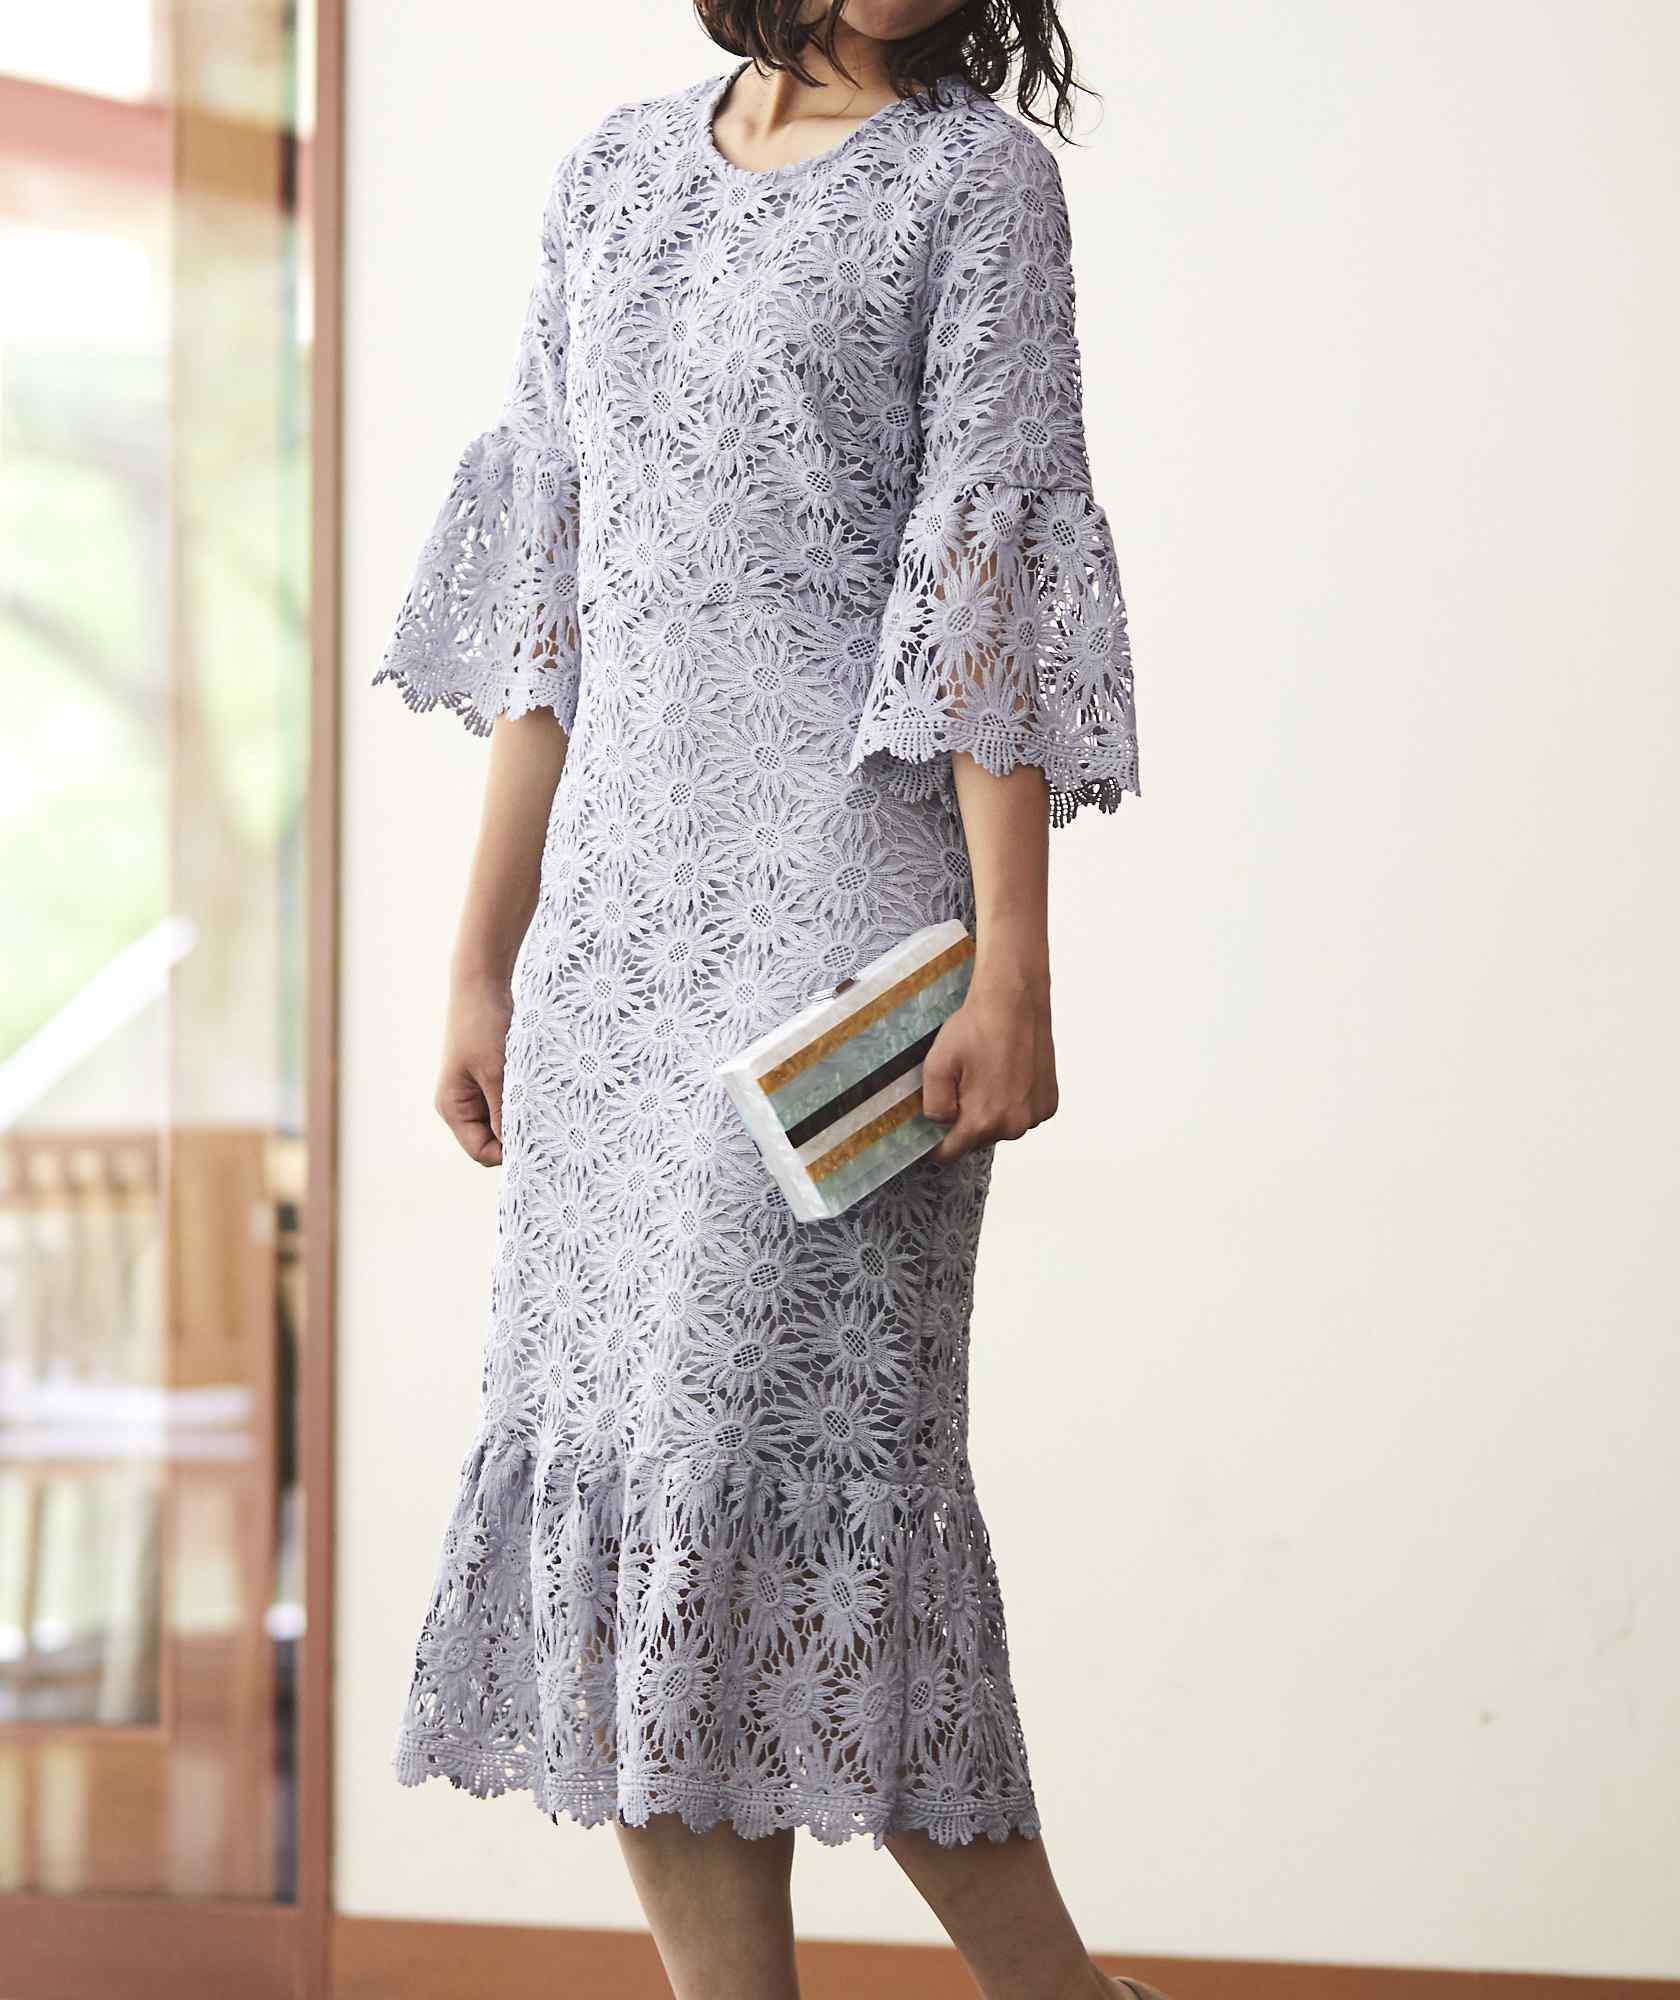 ブルーグレーフルレースミディアムドレス-グレー-L